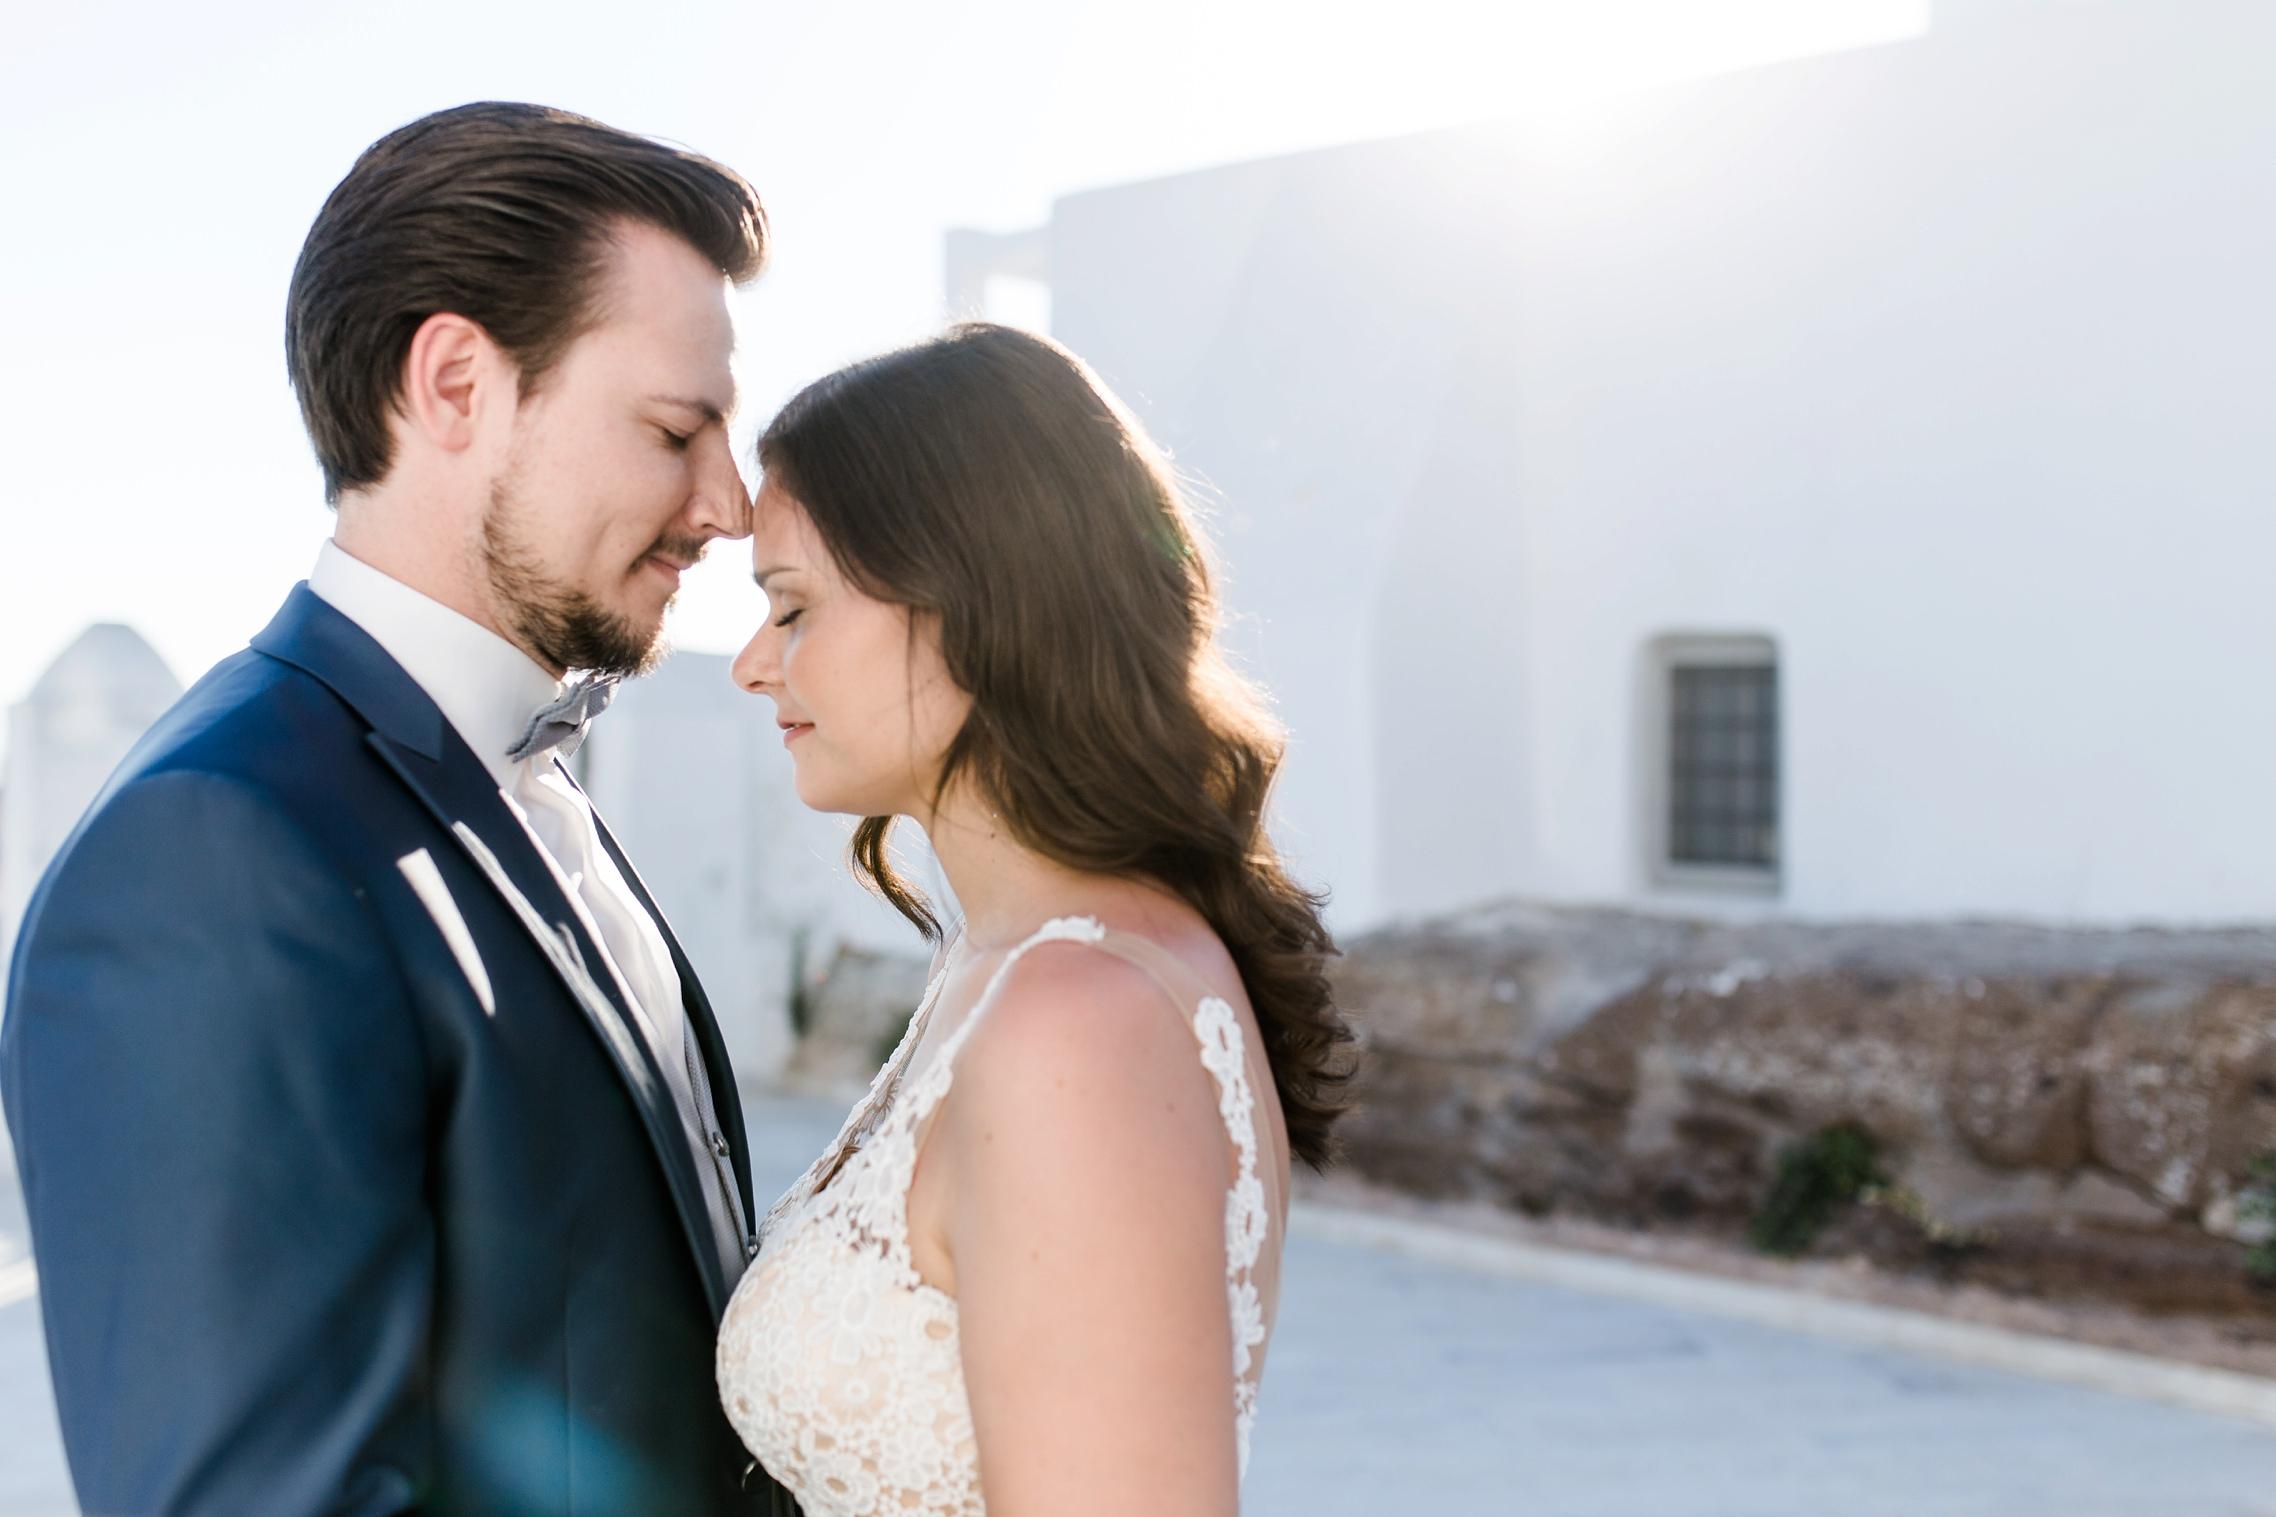 Verliebtes Hochzeitspaar im Gegenlicht auf Santorini.